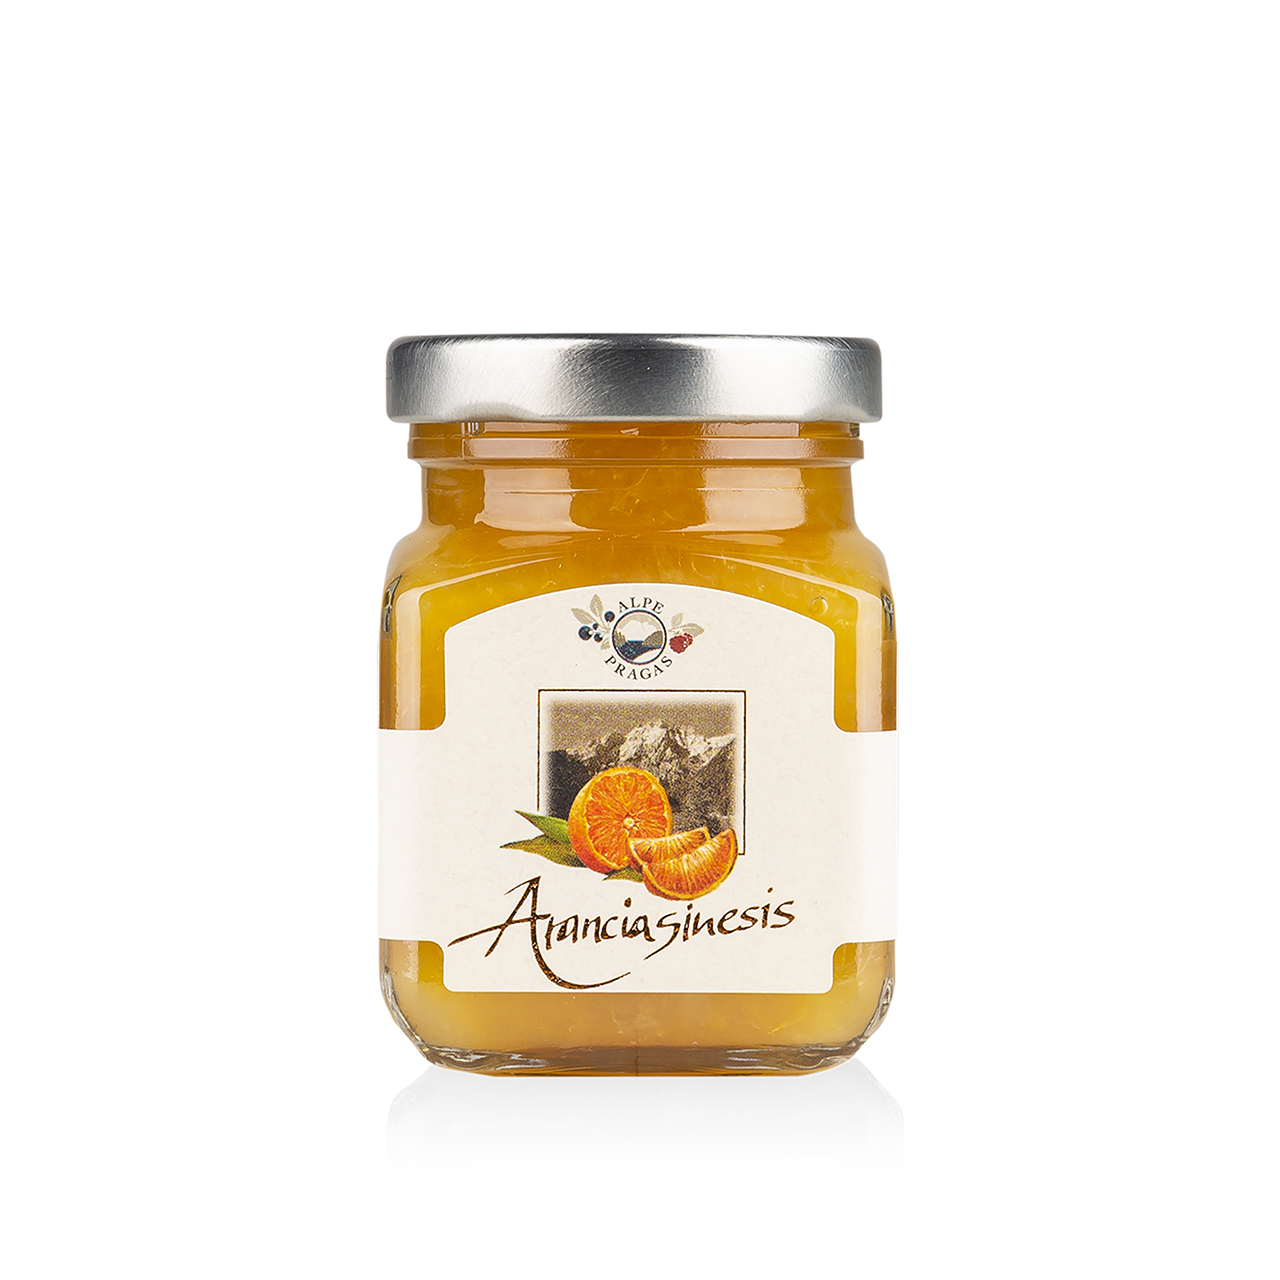 Arancia sinensis Fruchtaufstrich Orange